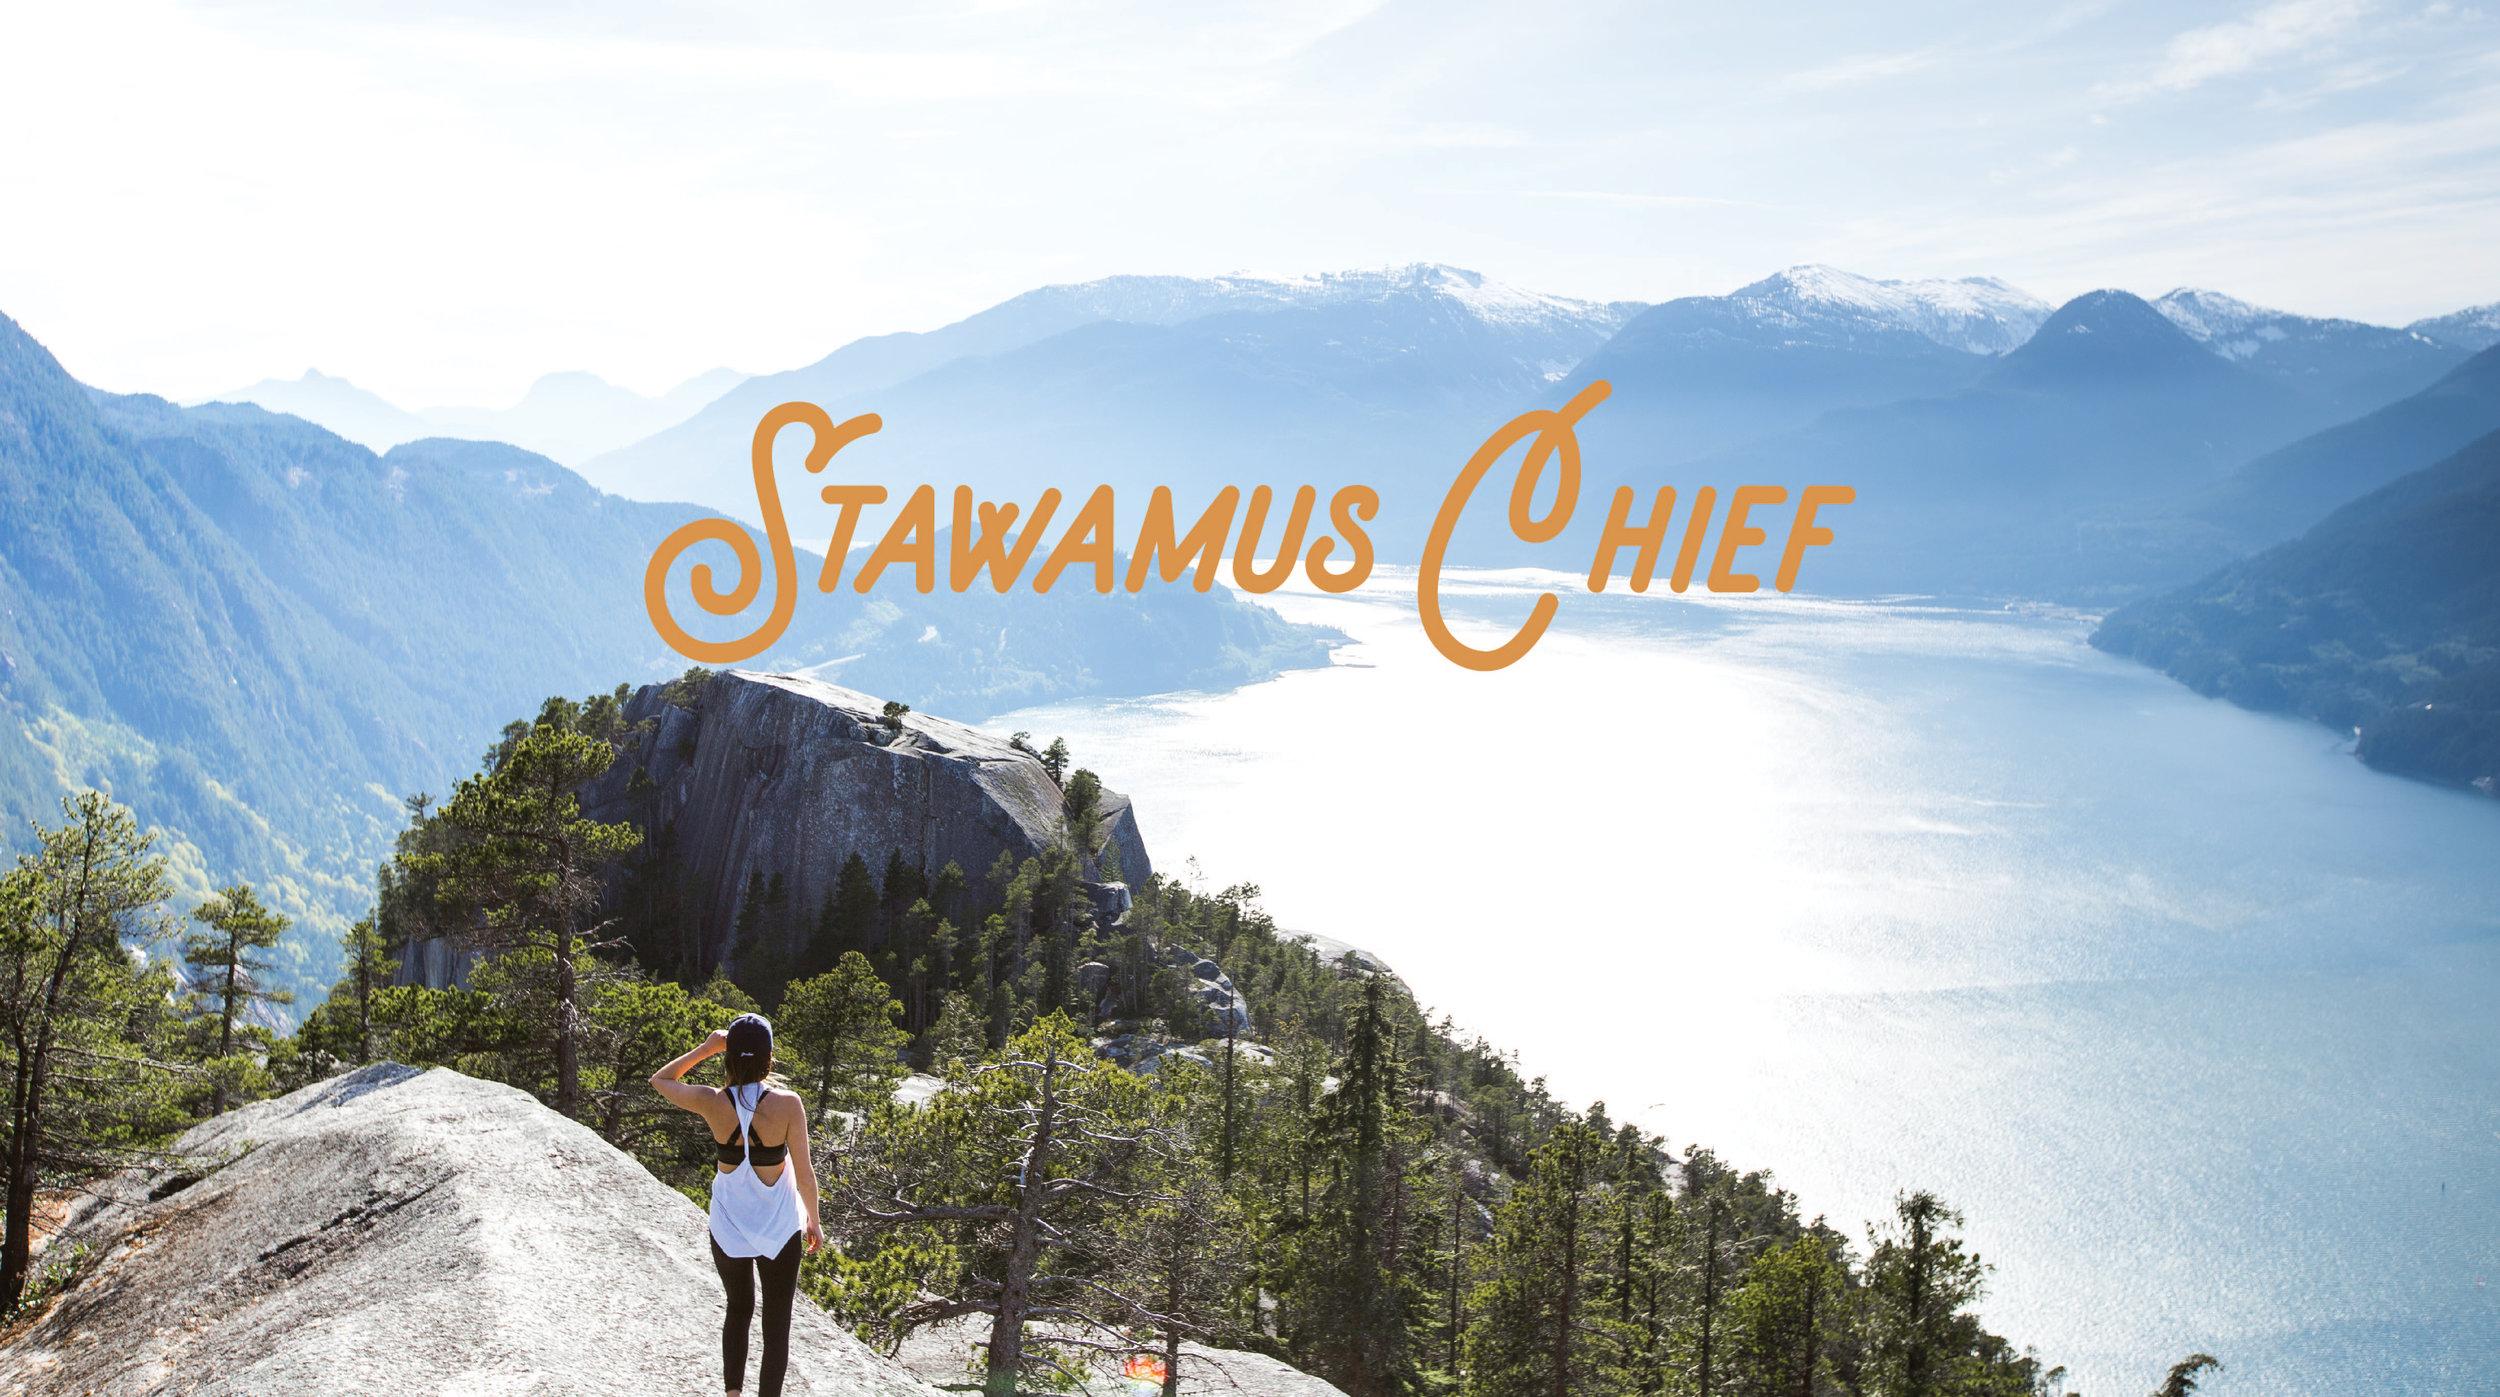 Stawamus Chief (The Chief) - VancityWild